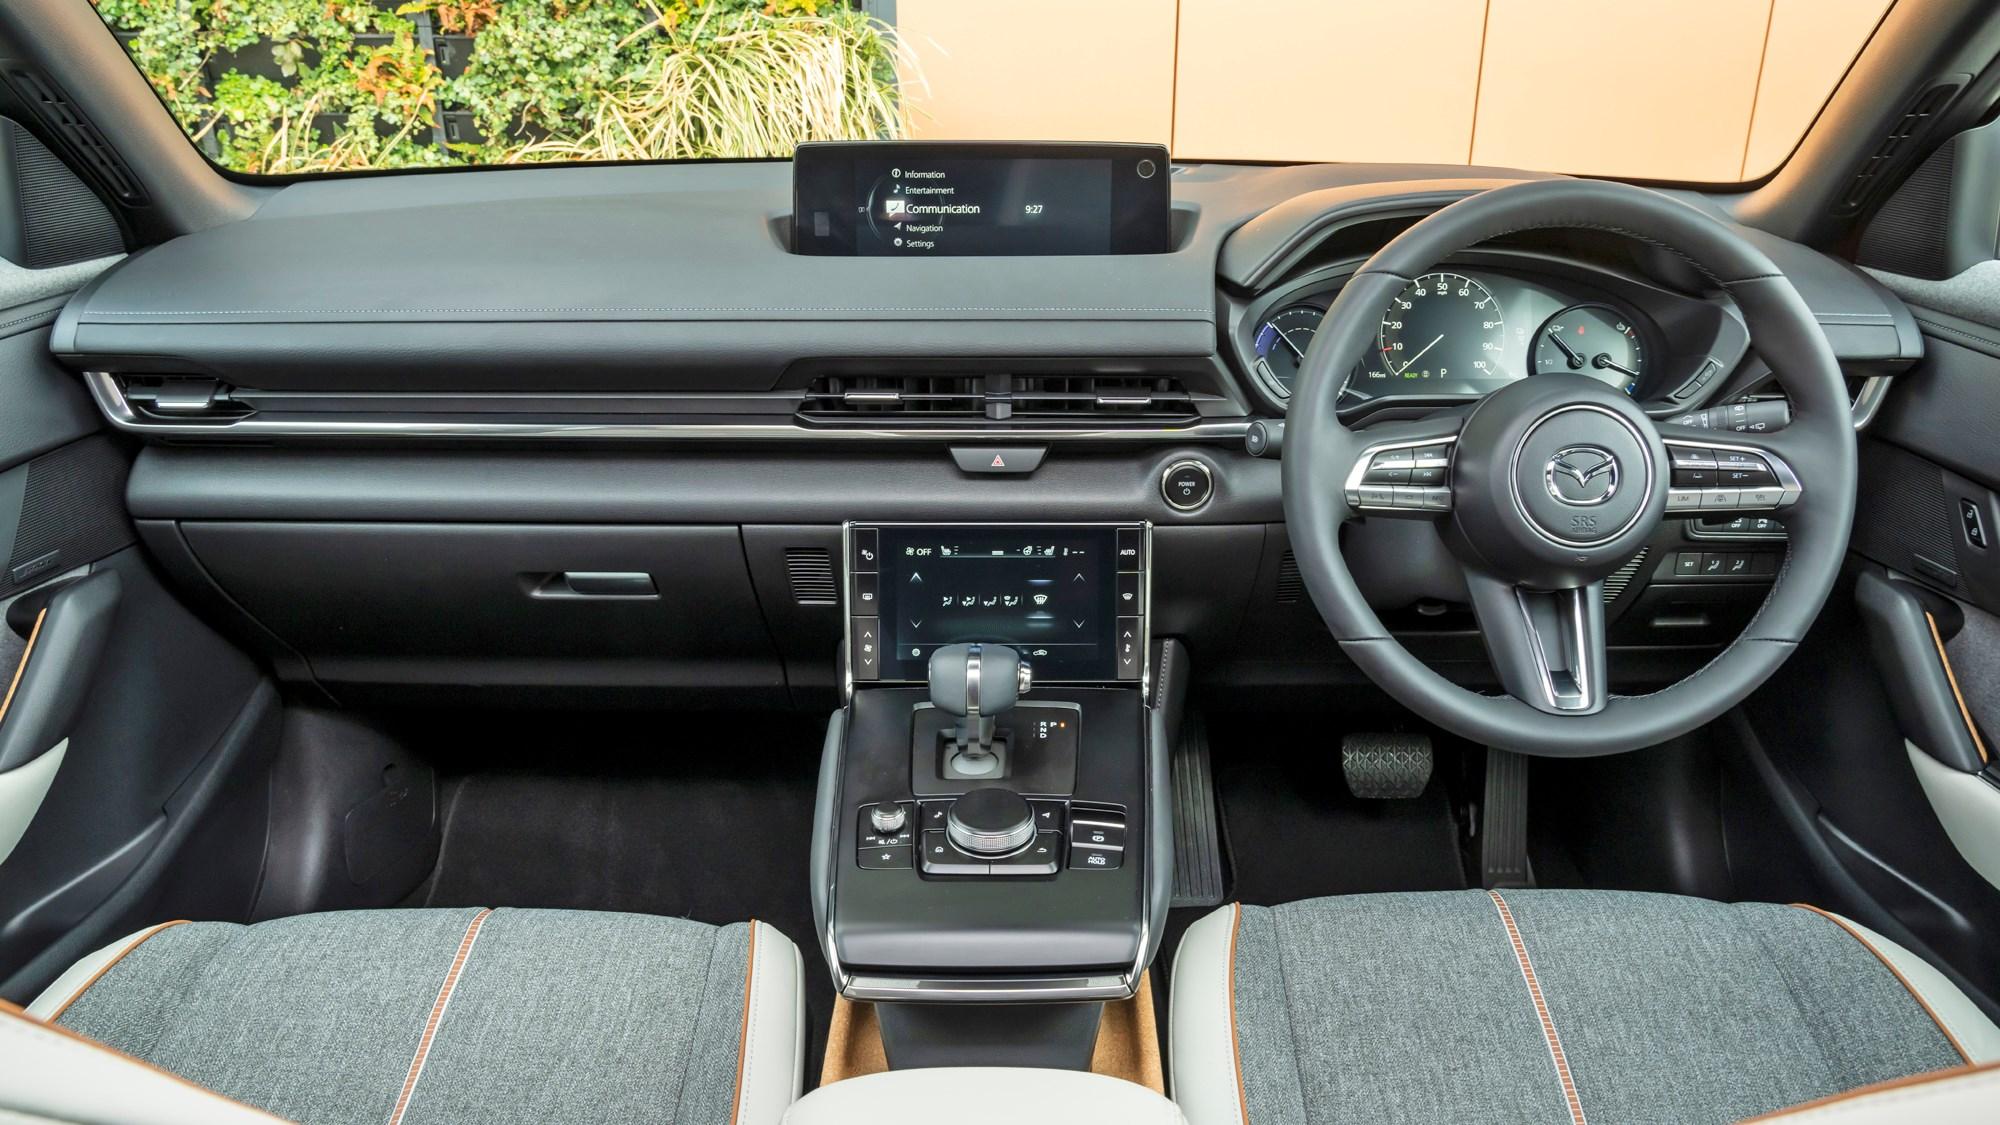 2021 Mazda MX-30 dashboard